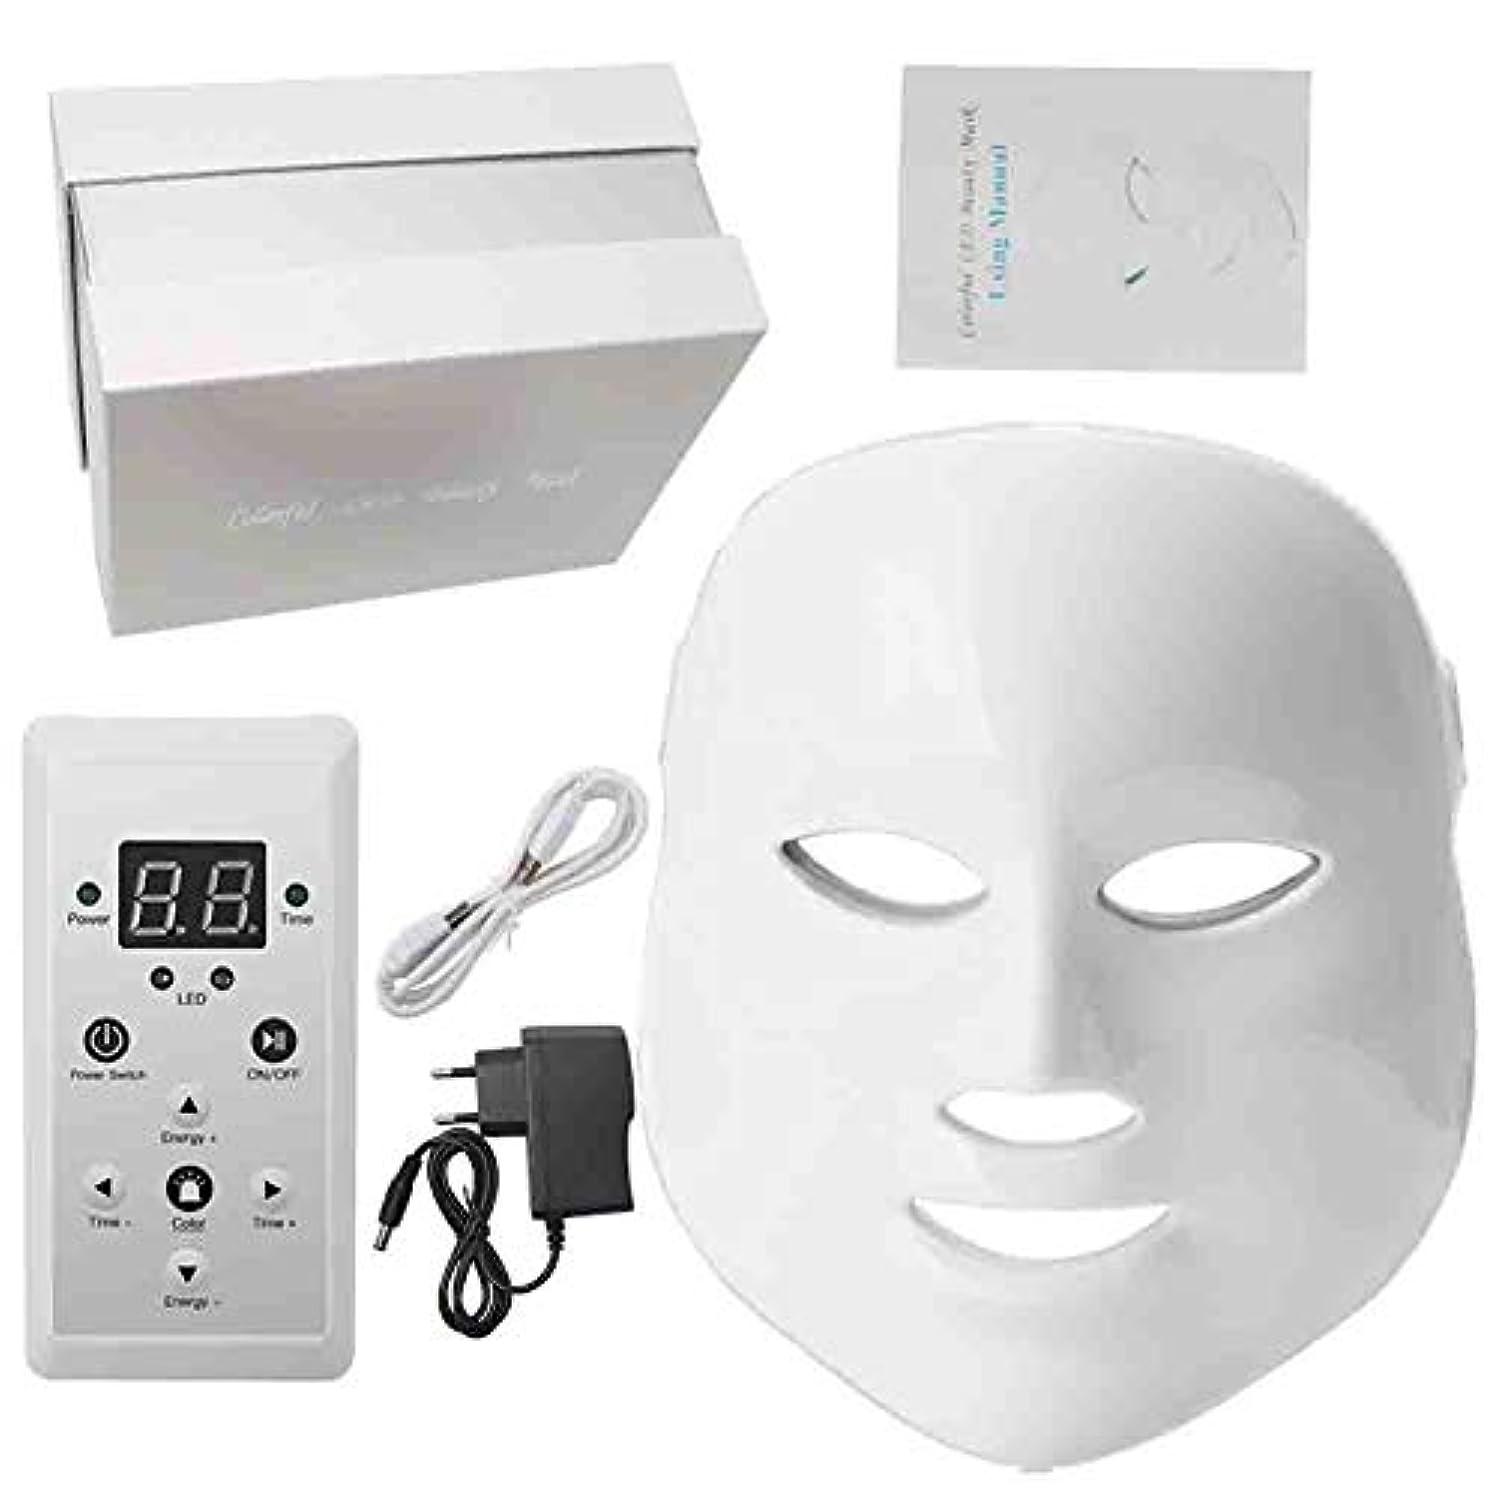 有限屈辱する封建ライトセラピーは、しわにきびの除去若返りフェイススキンケアのために7色のライトフェイシャル美容光線療法のLEDマスク